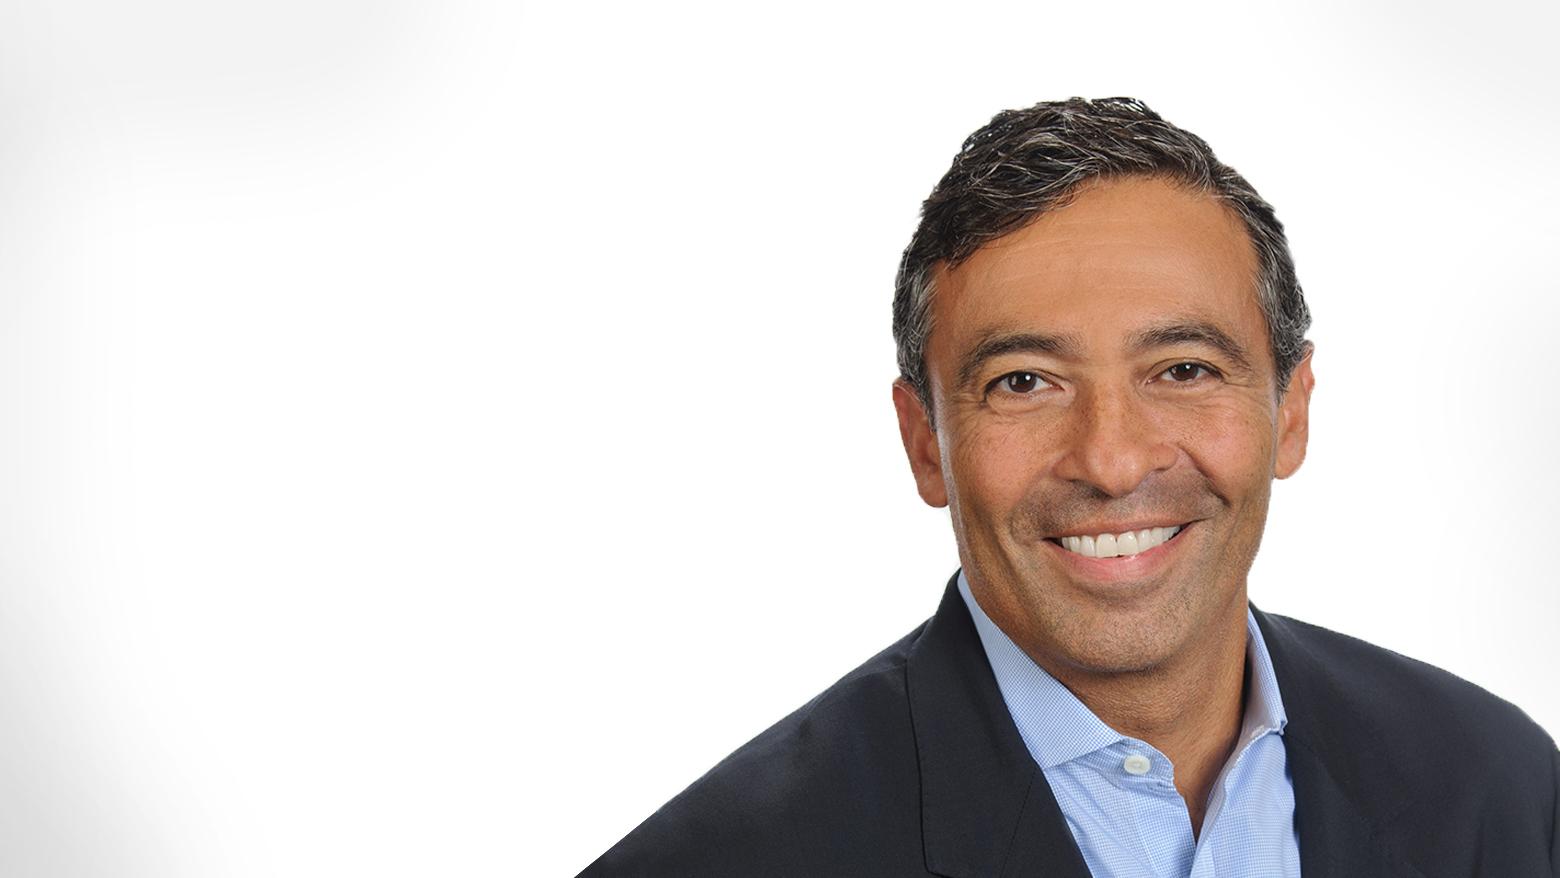 Jorge Ordonez Invesco